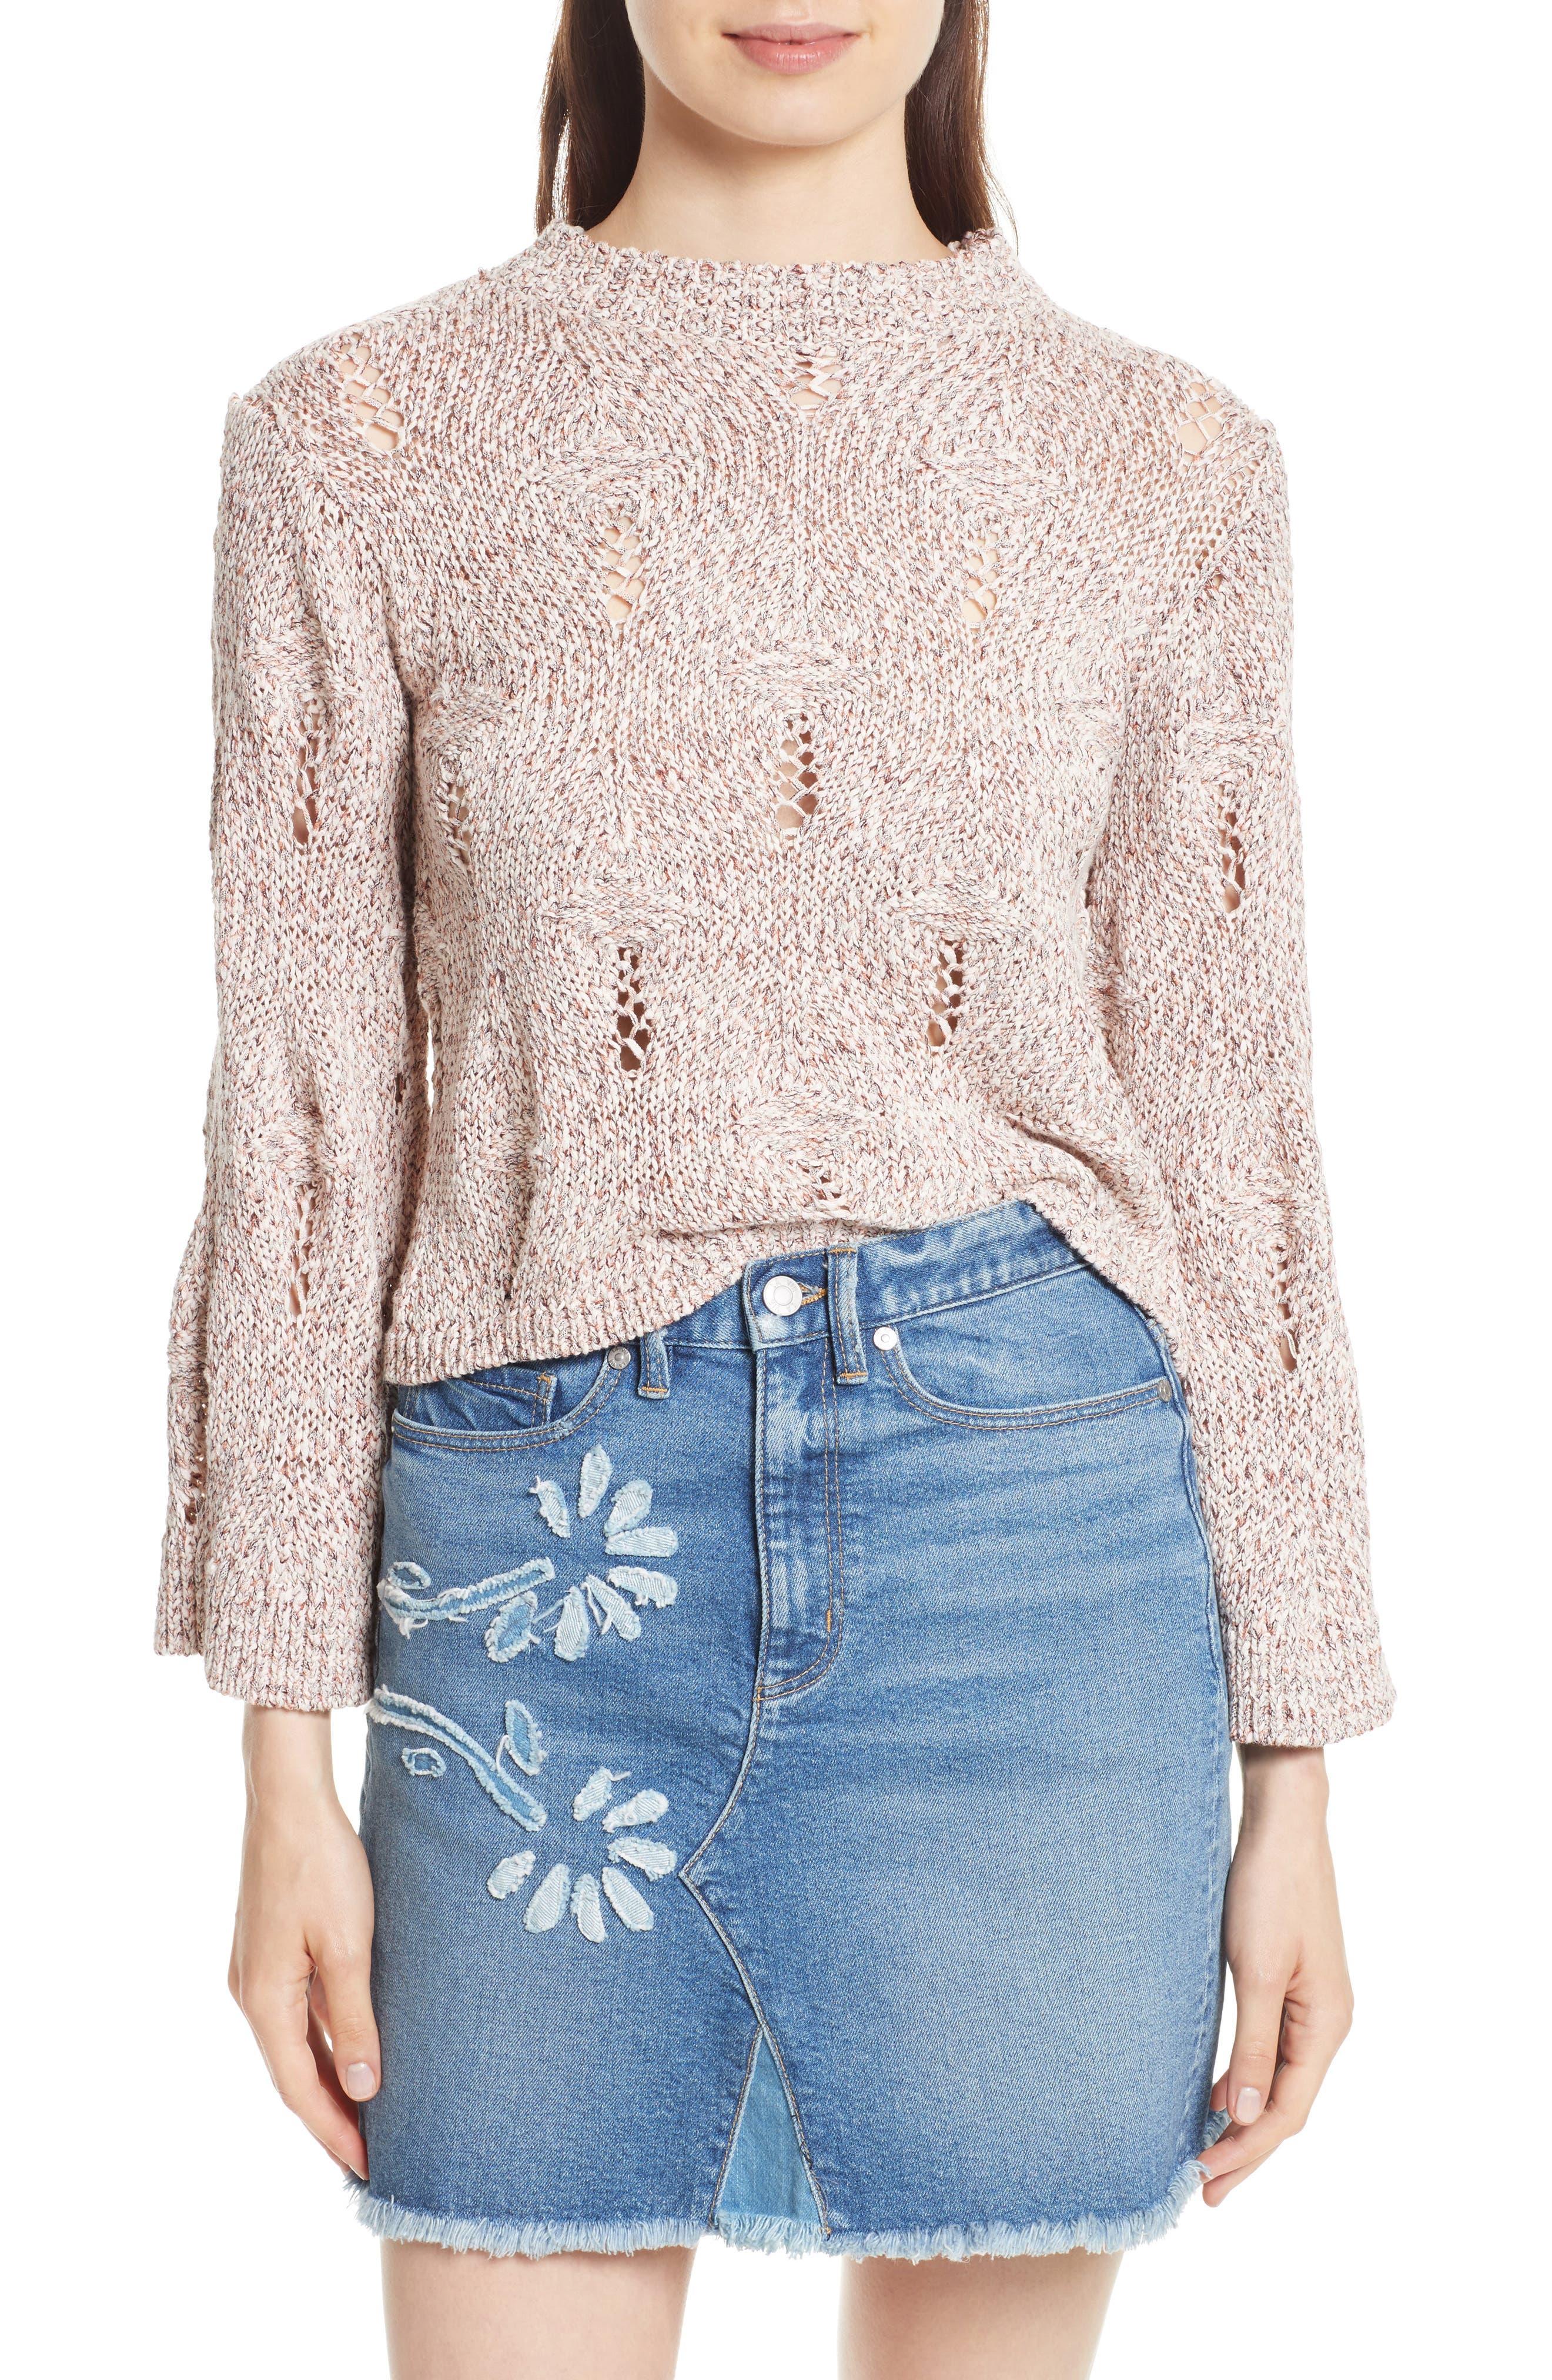 La Vie Rebecca Taylor Summer Ribbon Sweater